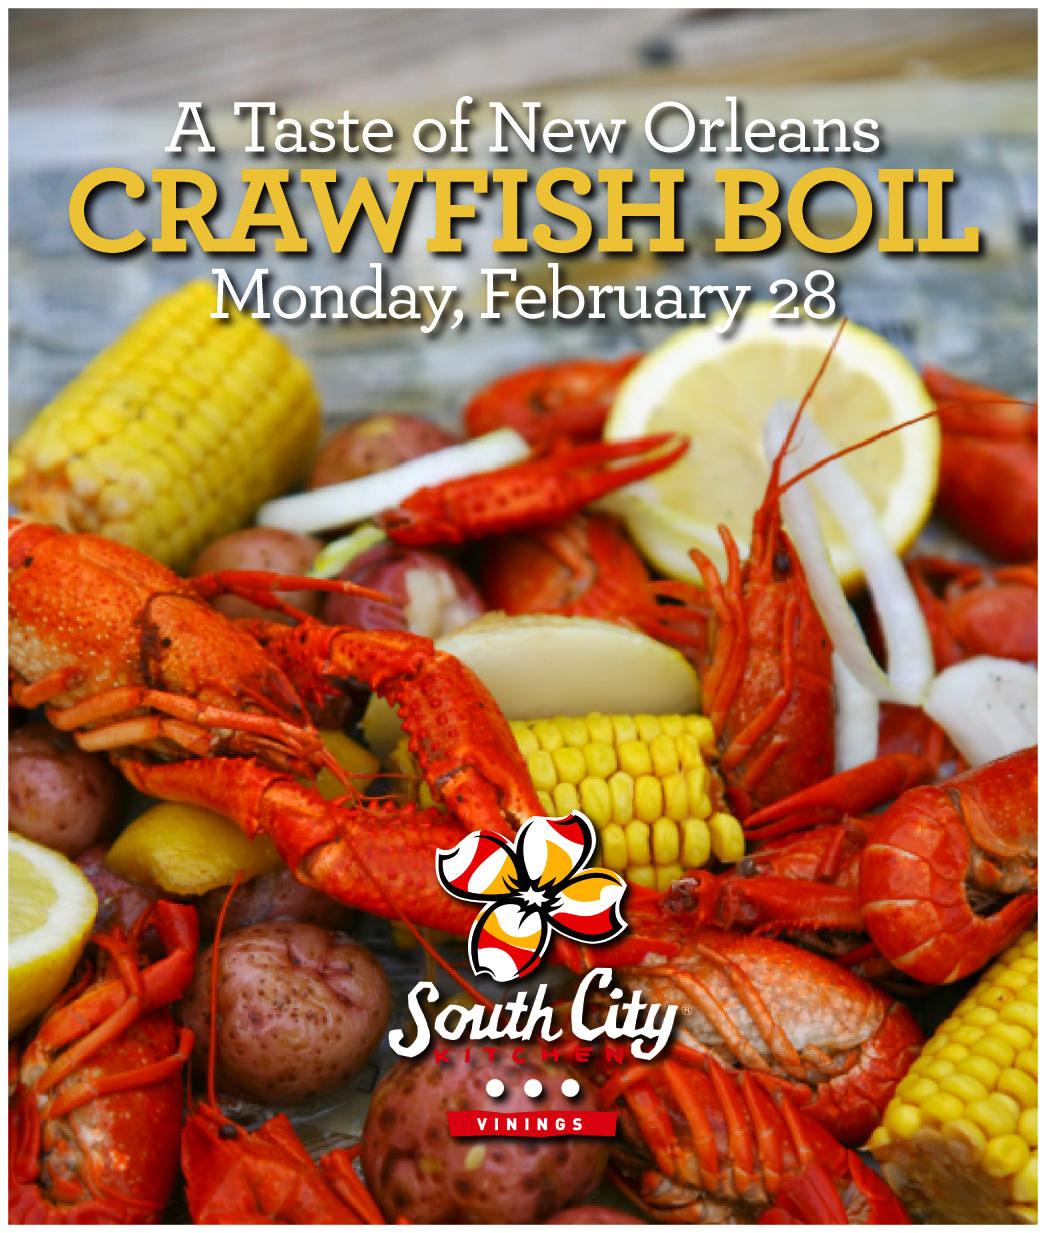 South City Kitchen Menu: South City Kitchen Crawfish Boil